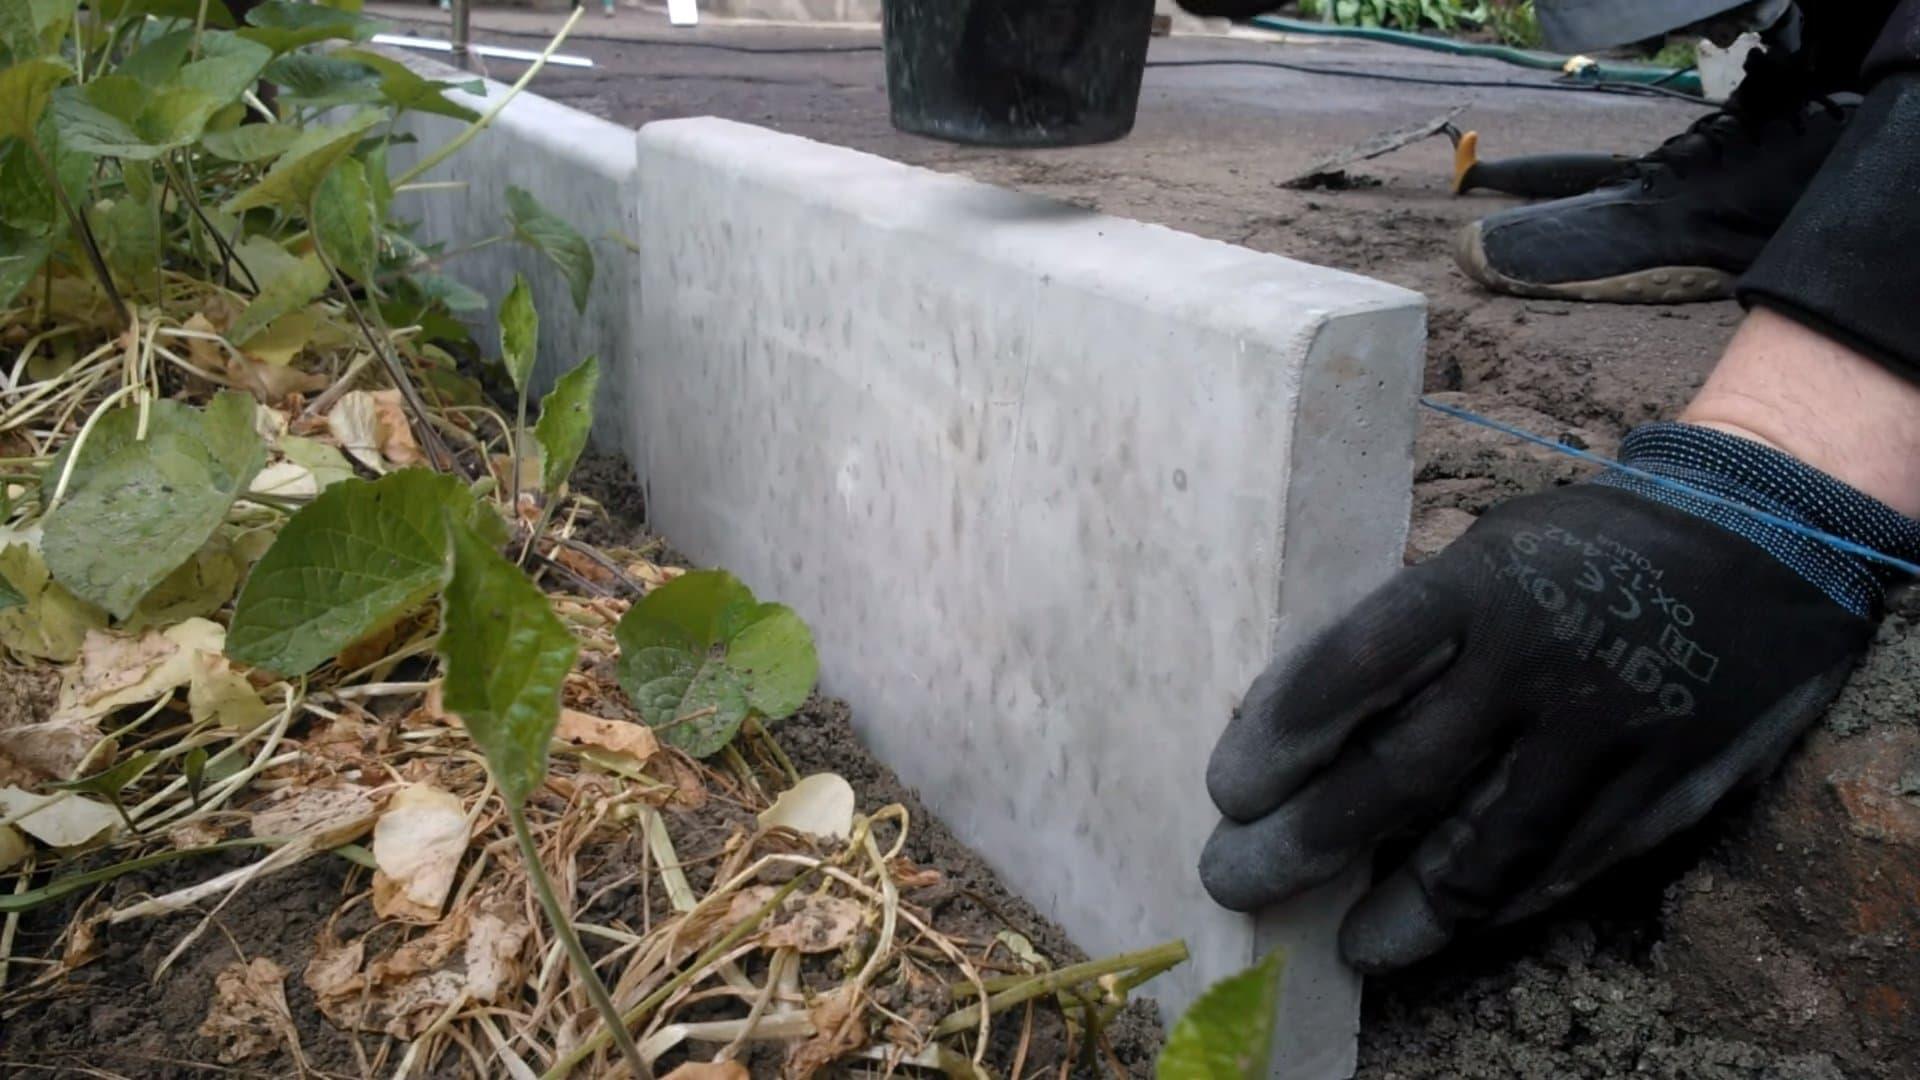 Митсубиси аутлендер замена салонного фильтра своими руками фото 68